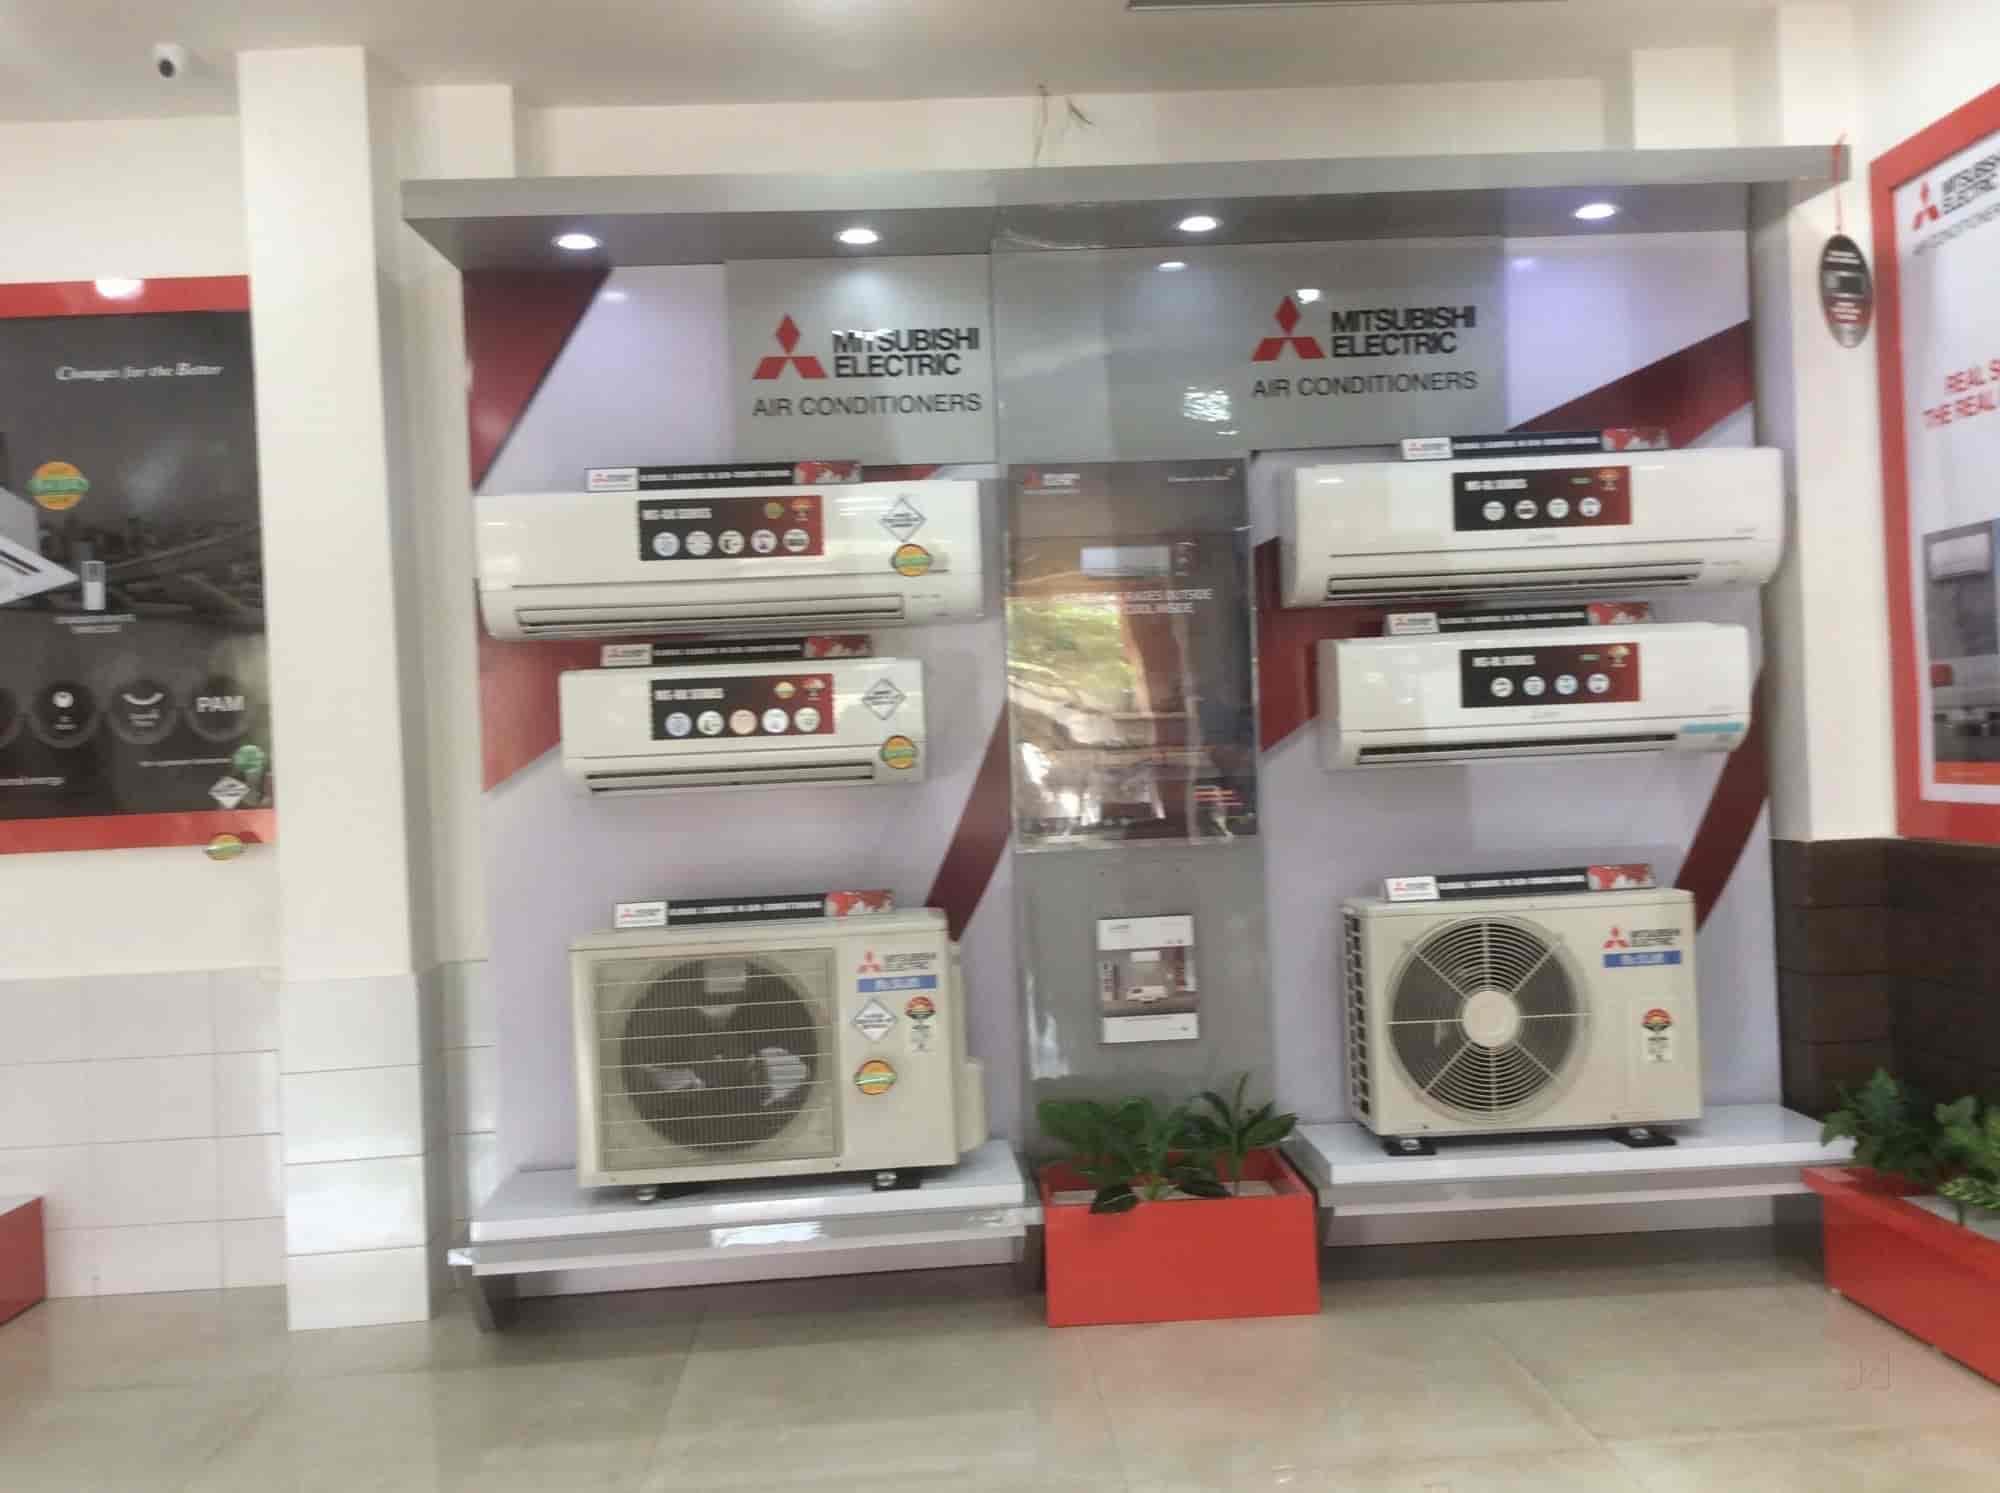 Mitsubishi Electric Photos Indira Nagar Lucknow Ac Dealers